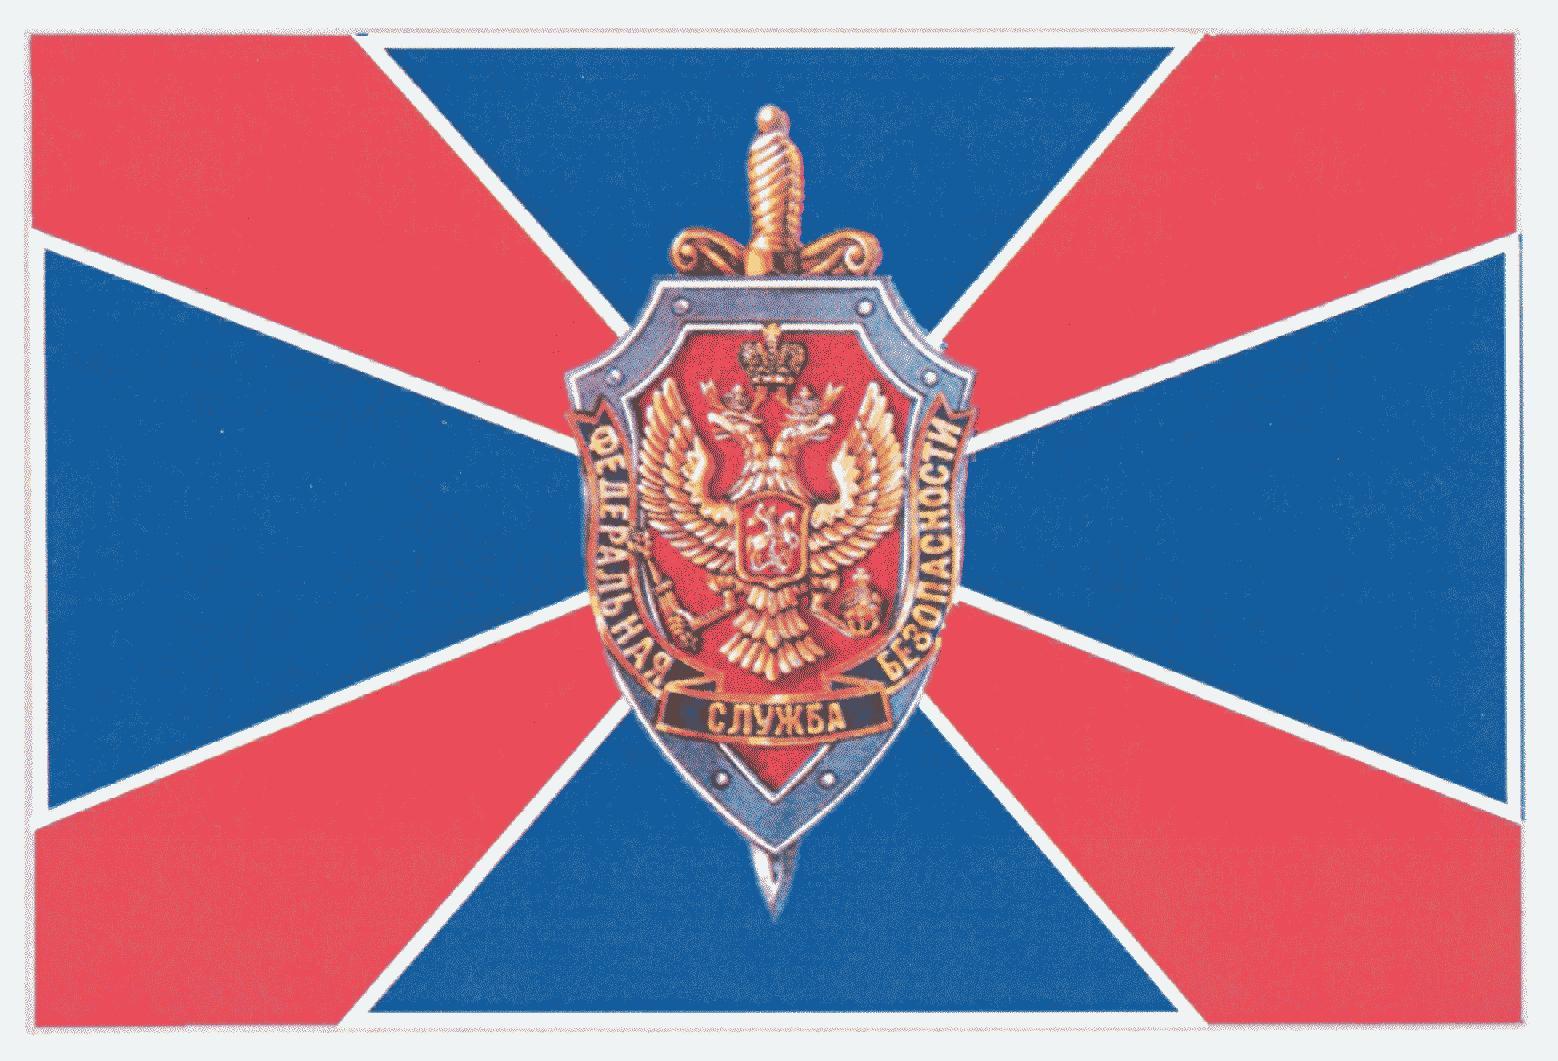 Официальный флаг ФСБ России. Положение о флаге Федеральной службы безопасности Российской Федерации, его описание и рисунок утверждены Указом Президента Российской Федерации от 22 апреля 2010 г. № 499.